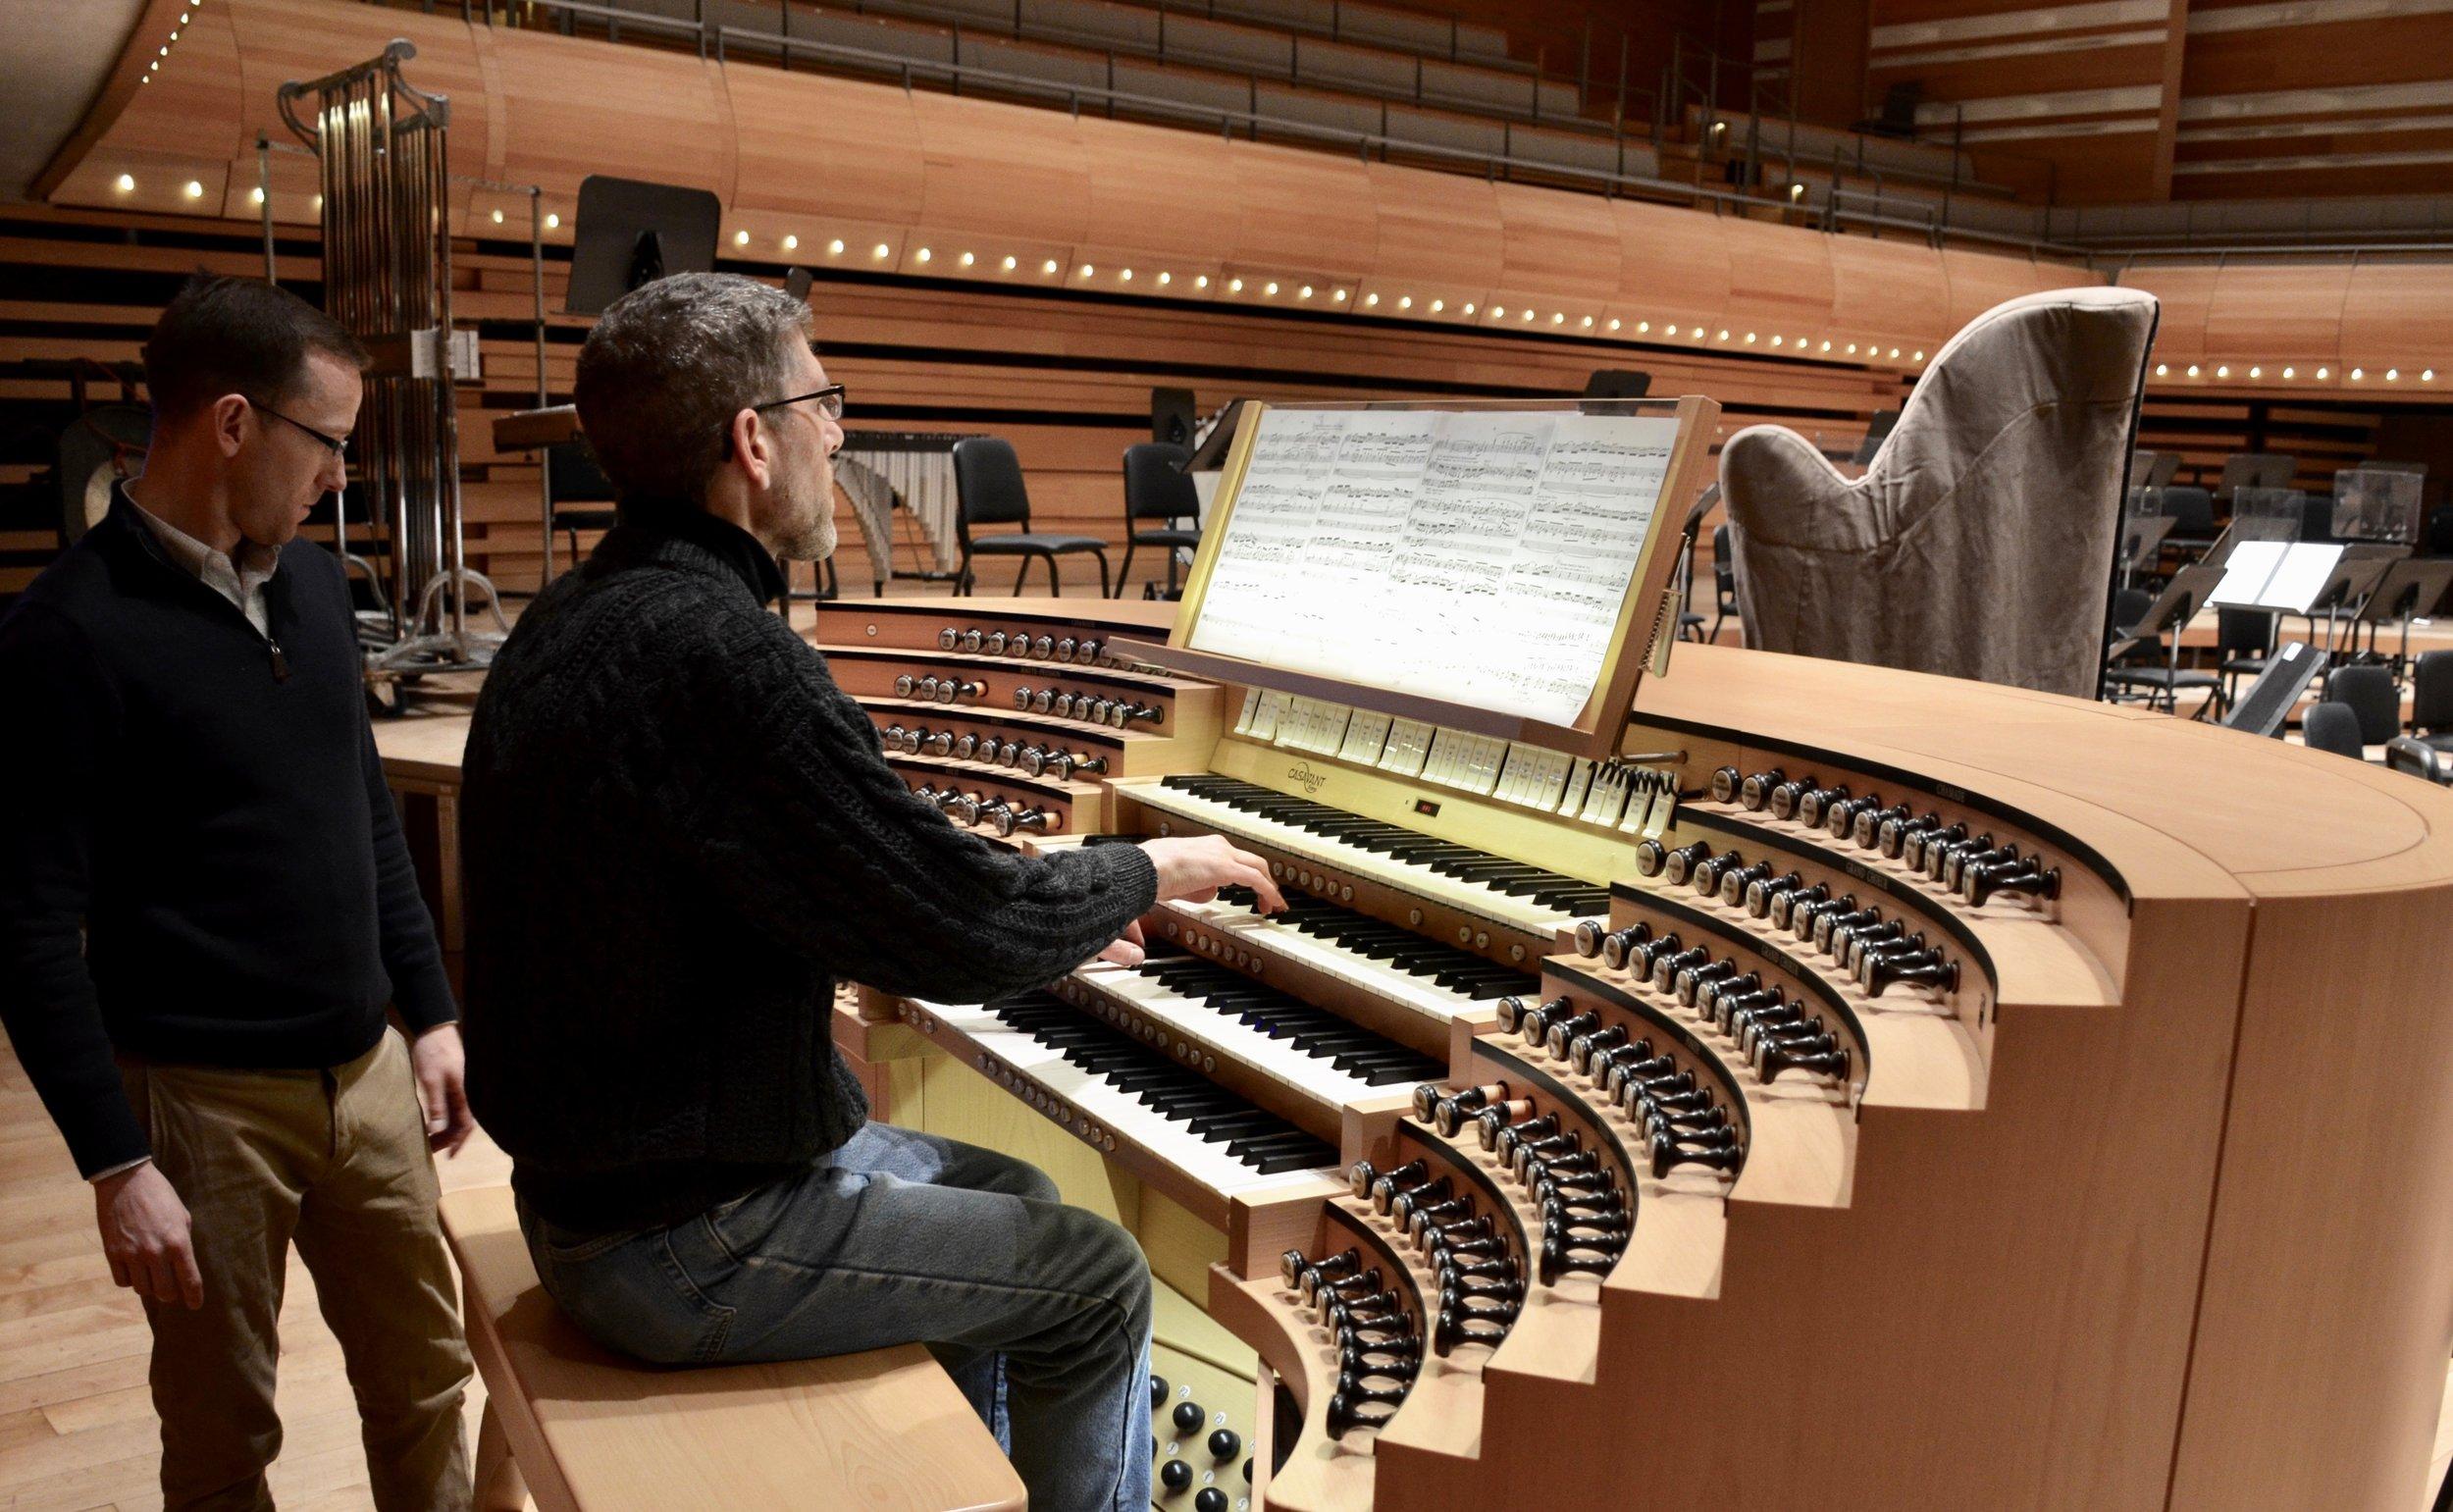 Chris Porter plays the Grand Orgue Pierre-Béique (Casavant) in Maison Symphonique, Montréal